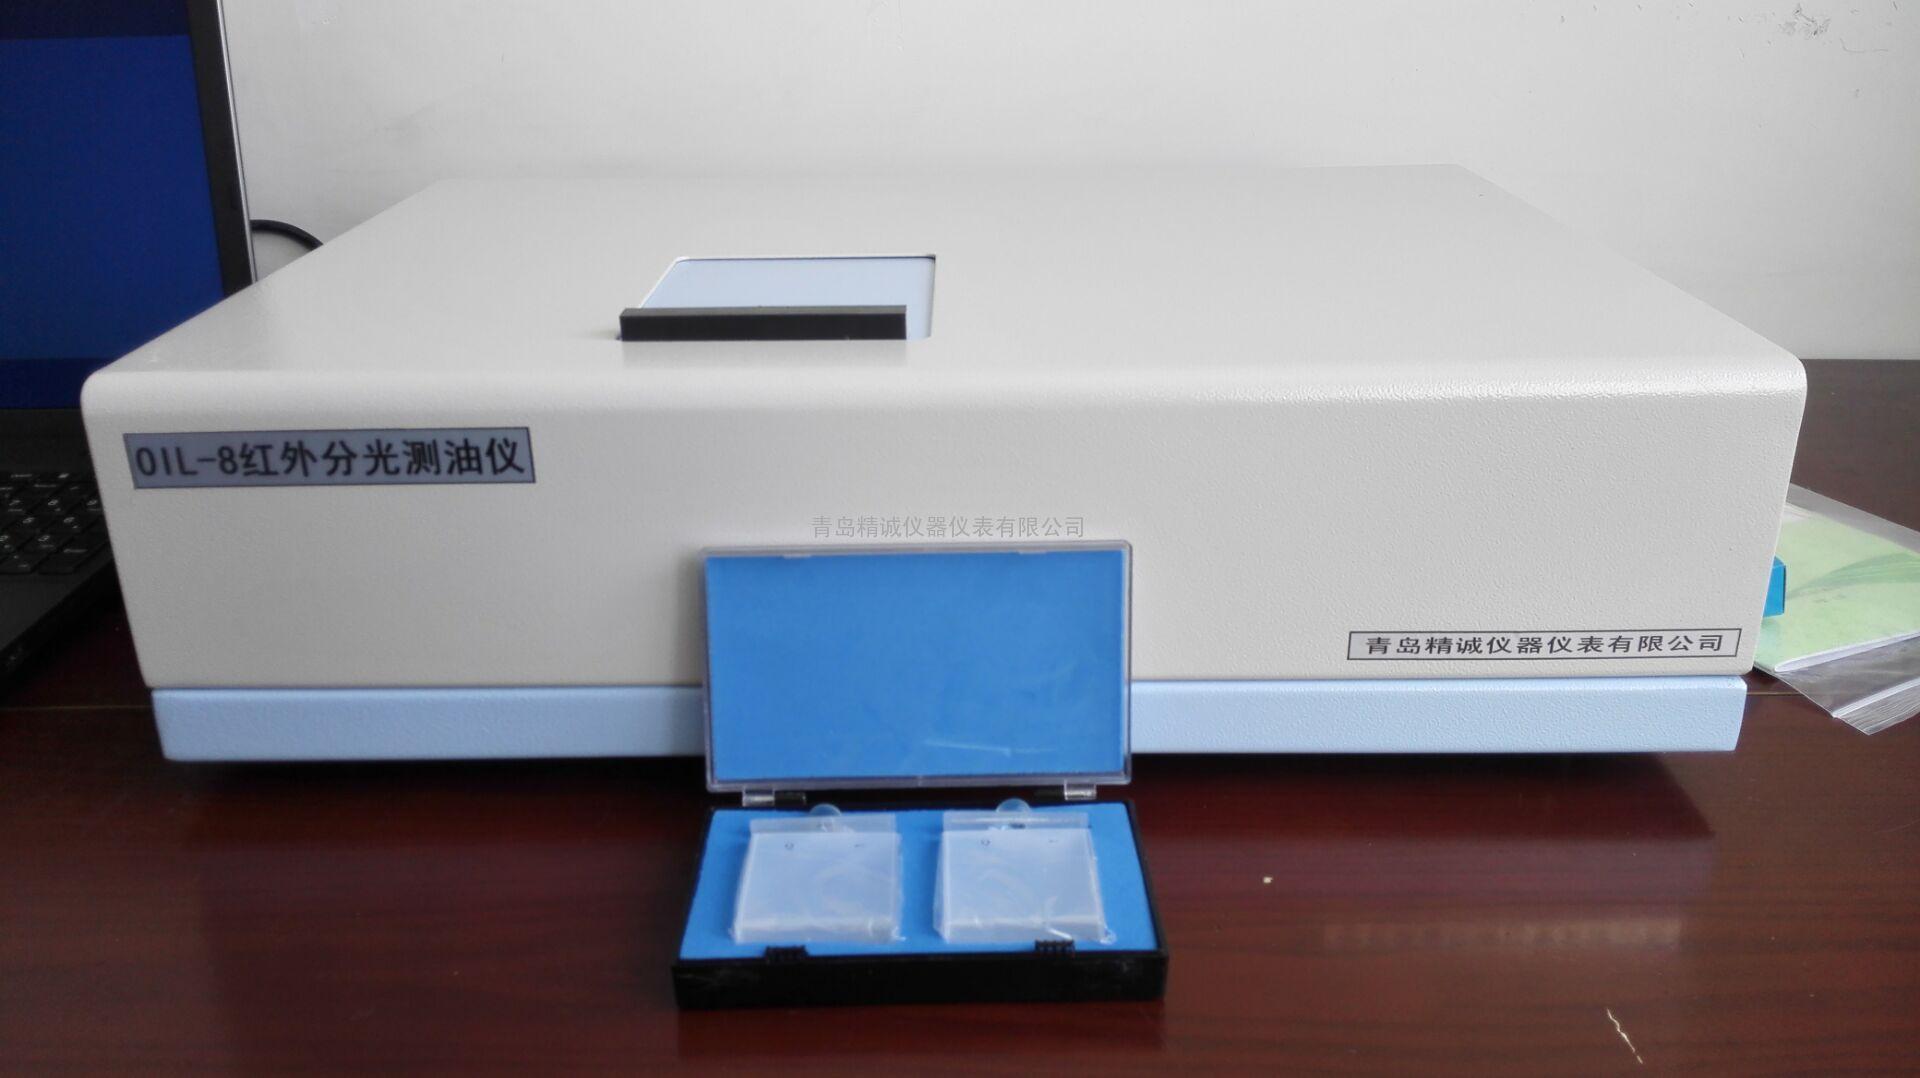 检测固体、水中、气体等含油量的多少用红外测油仪 OIL-6测油仪